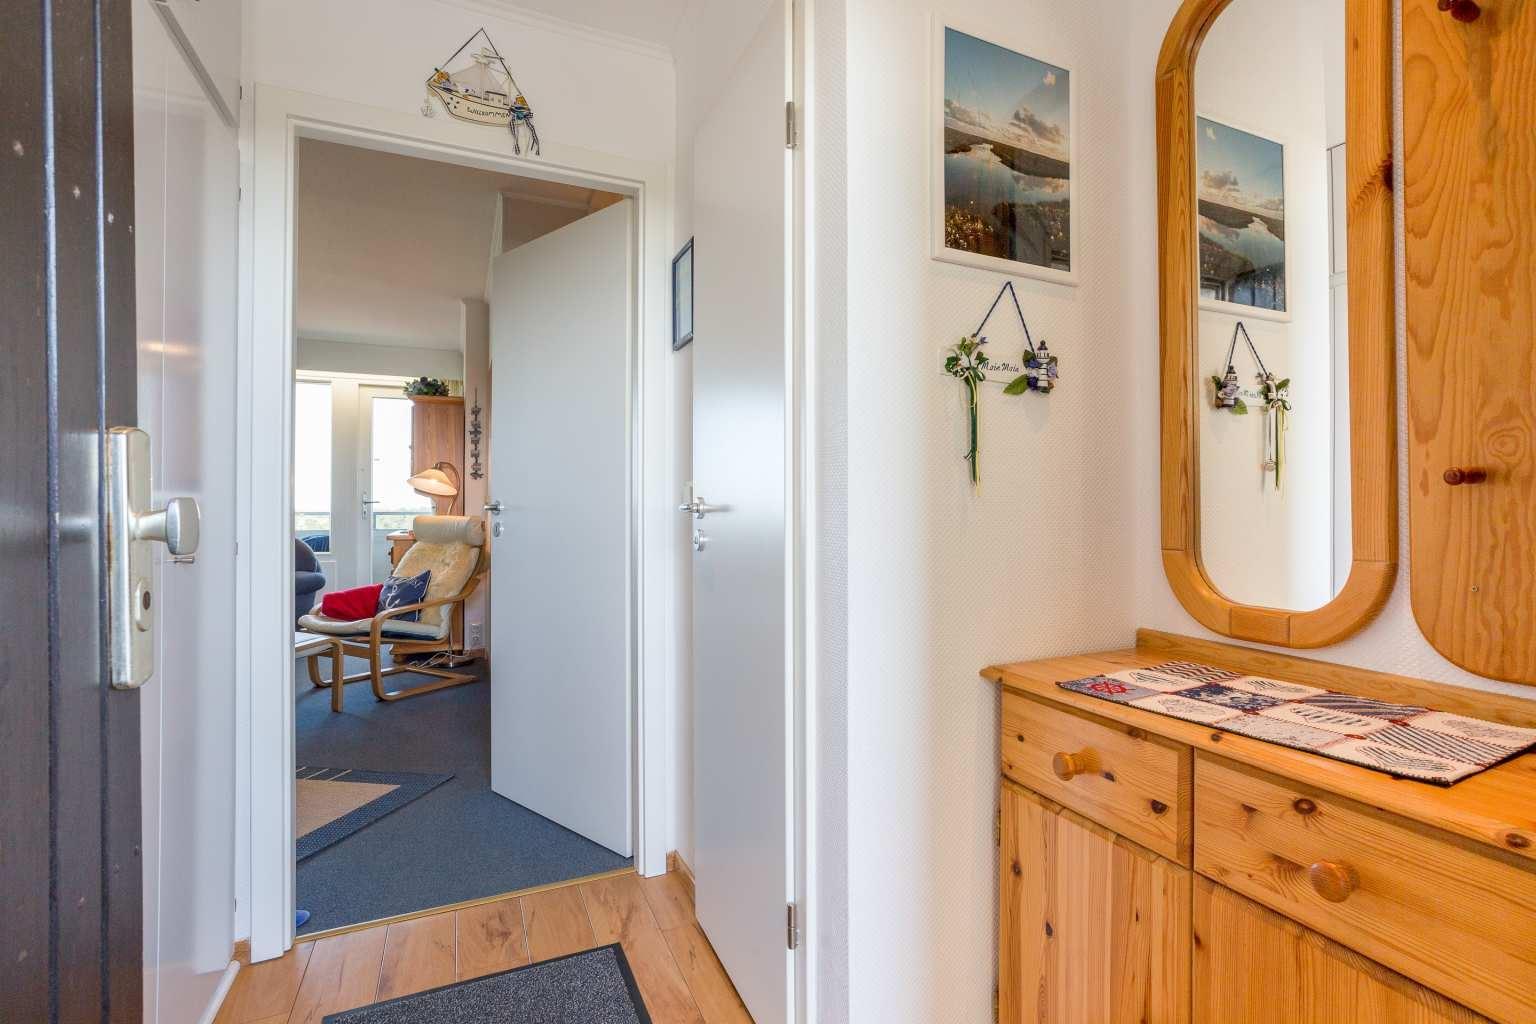 """Parkwohnanlage Haus Atlantic, St. Peter-Ording (SPO) - Wohnung 108 """"Meerblick"""" (ID 100) - Flur"""